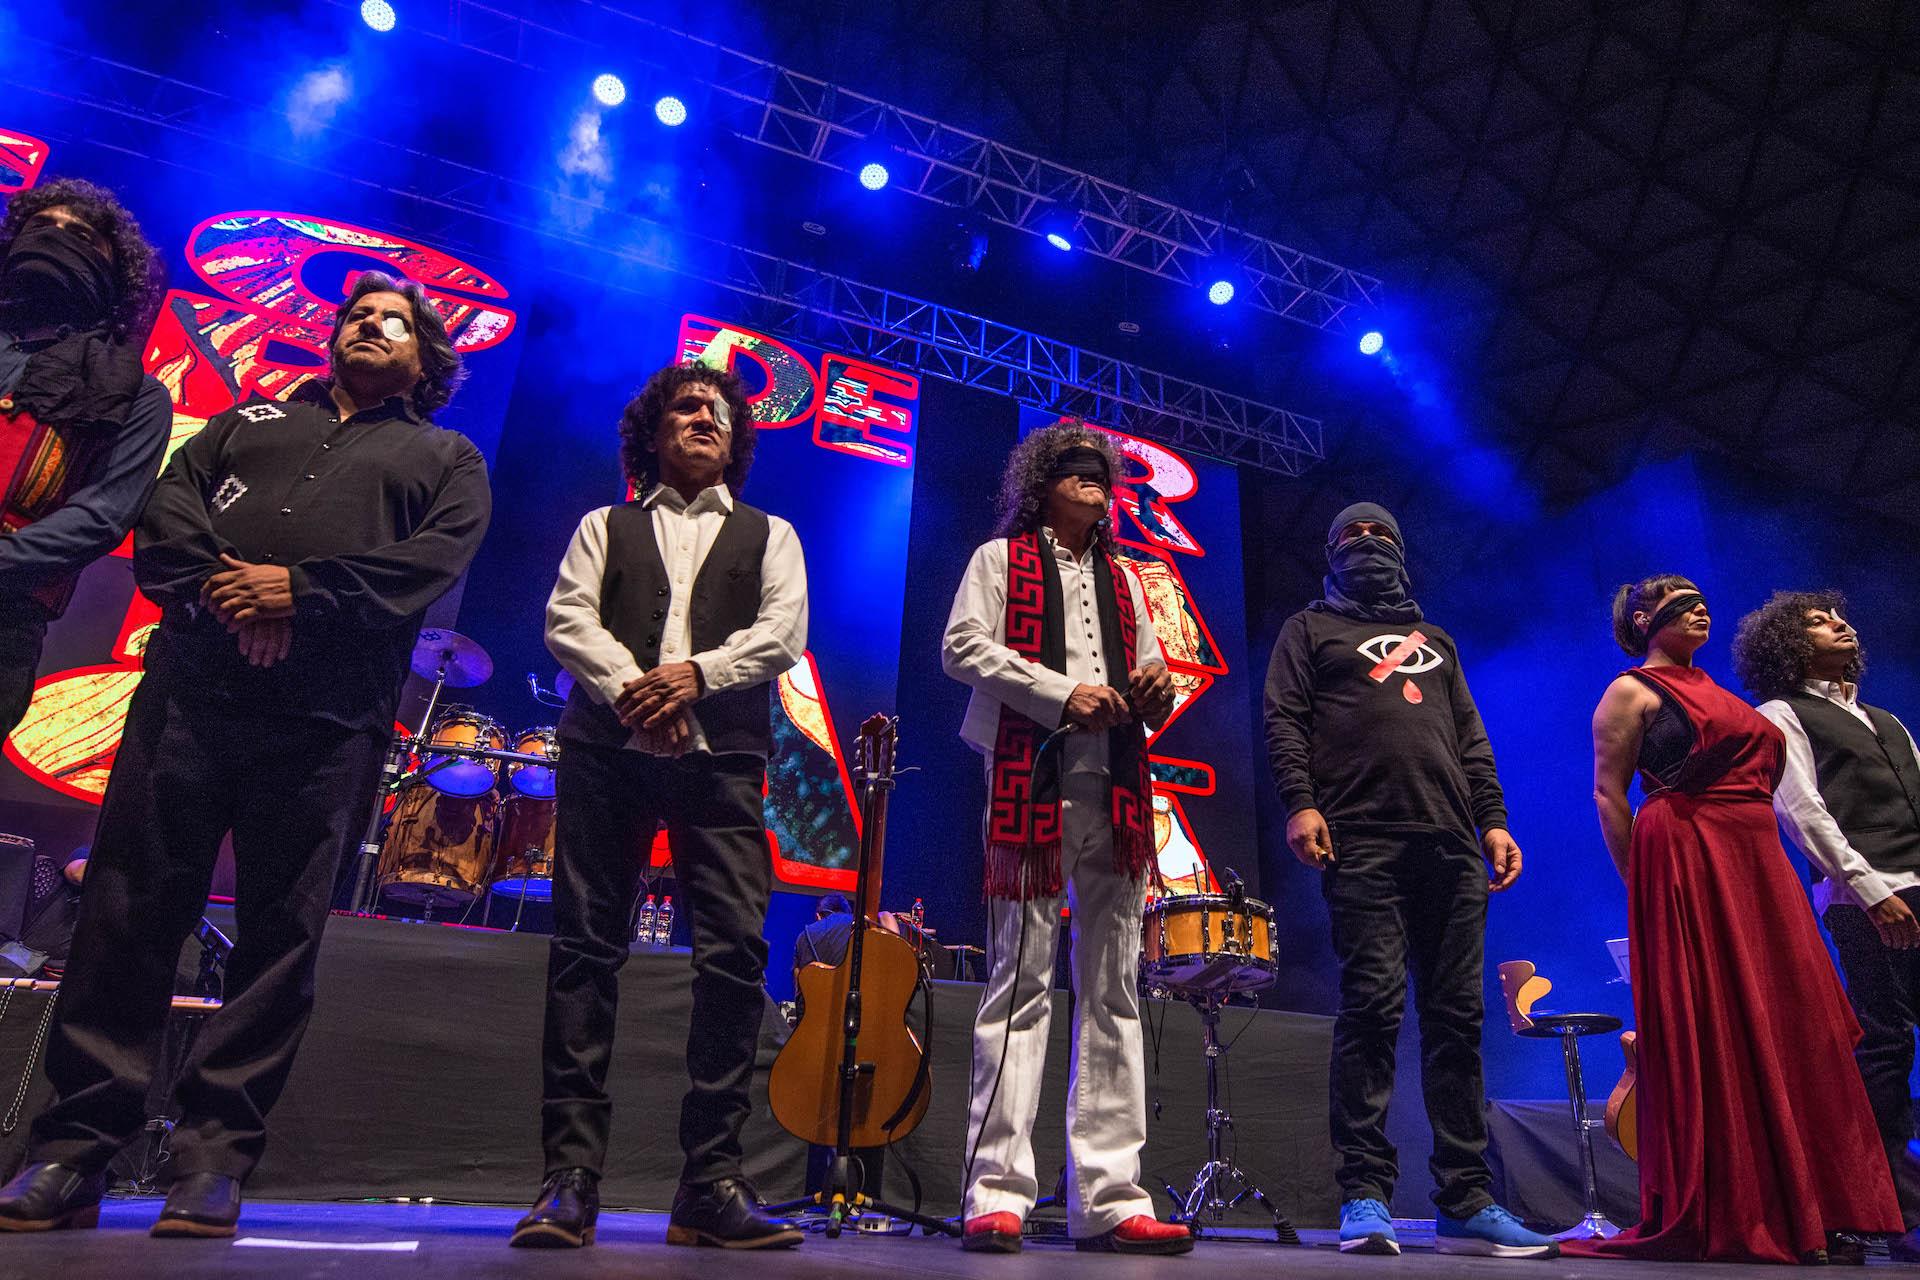 Illapu celebró su disco El Grito de la Raza en Movistar Arena